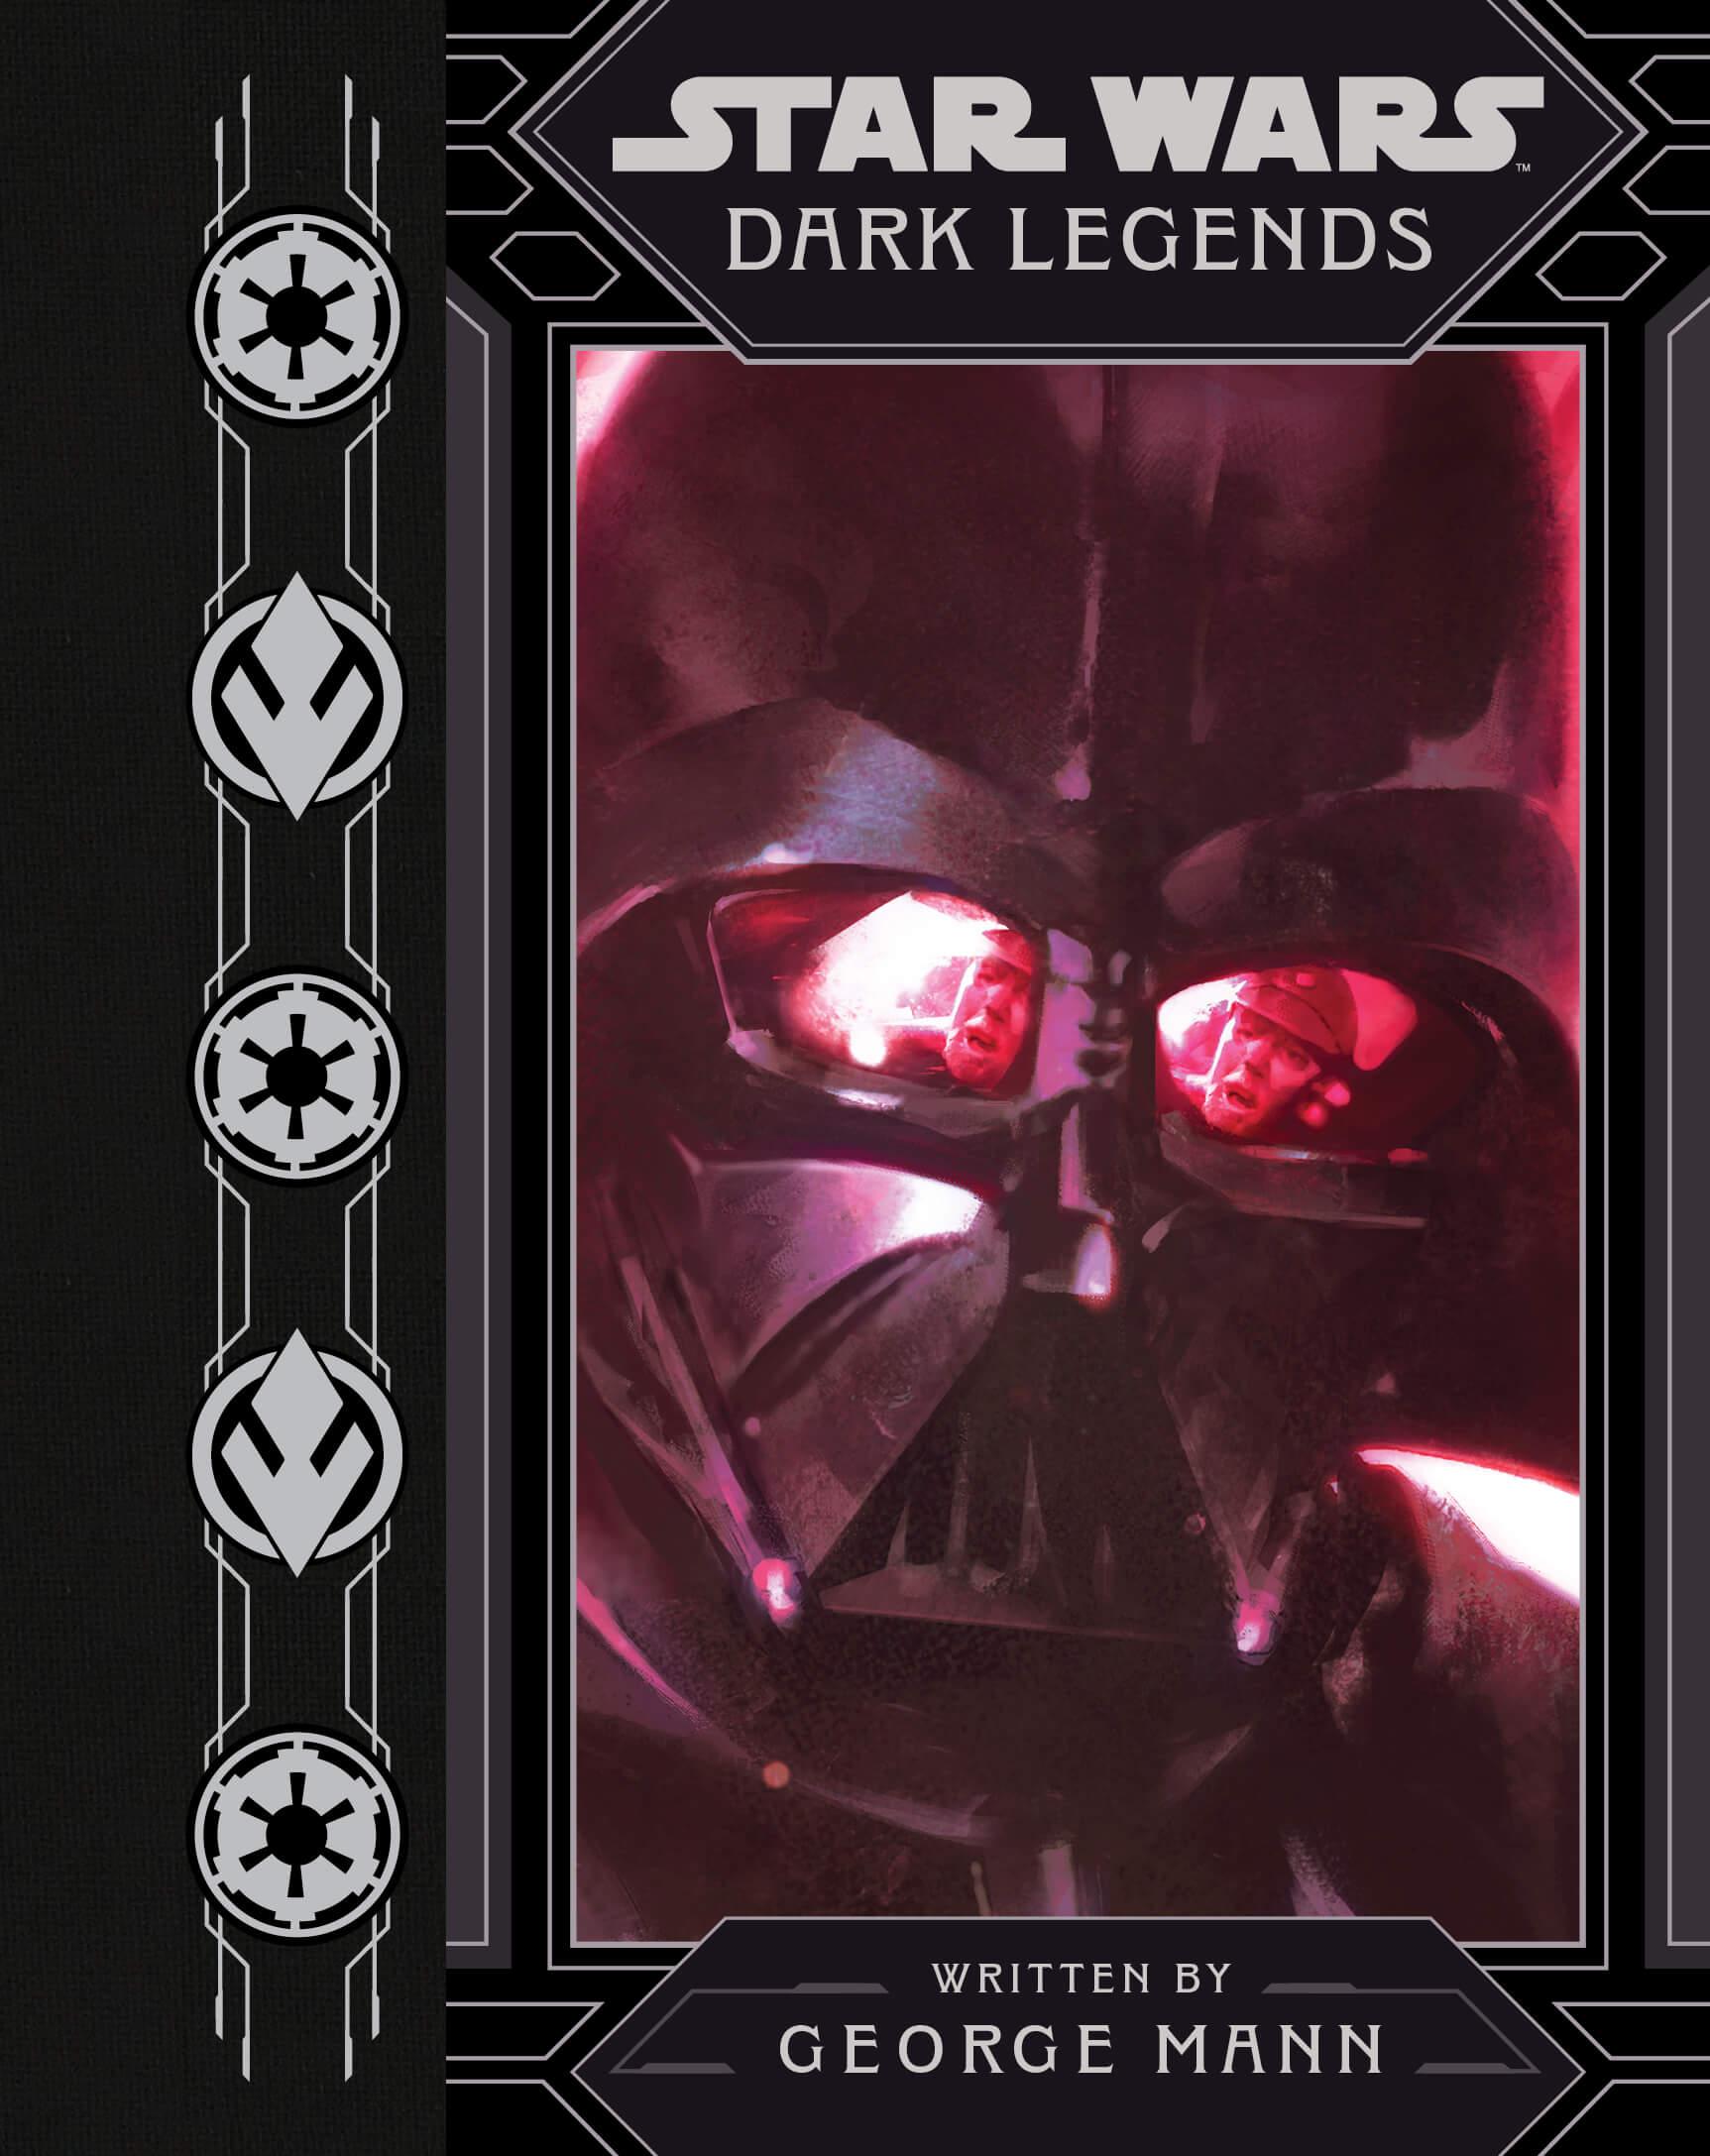 Star Wars: Dark Legends